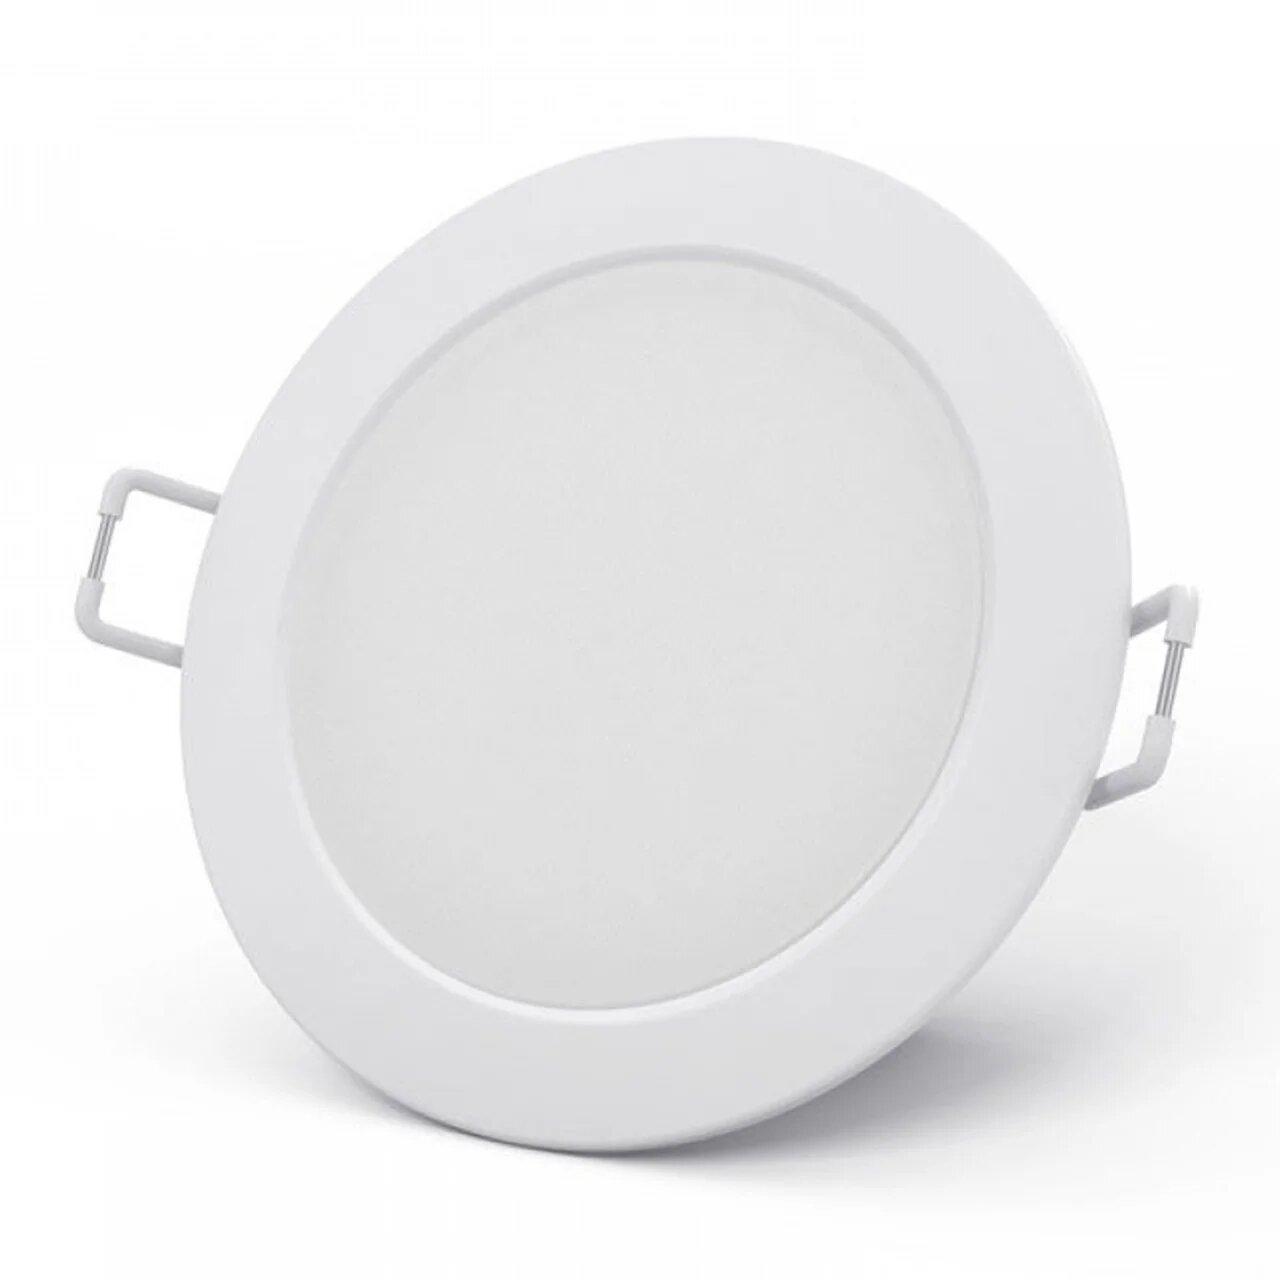 Xiaomi Philips Zhirui downlight lamp Умный точечный потолочный светильник